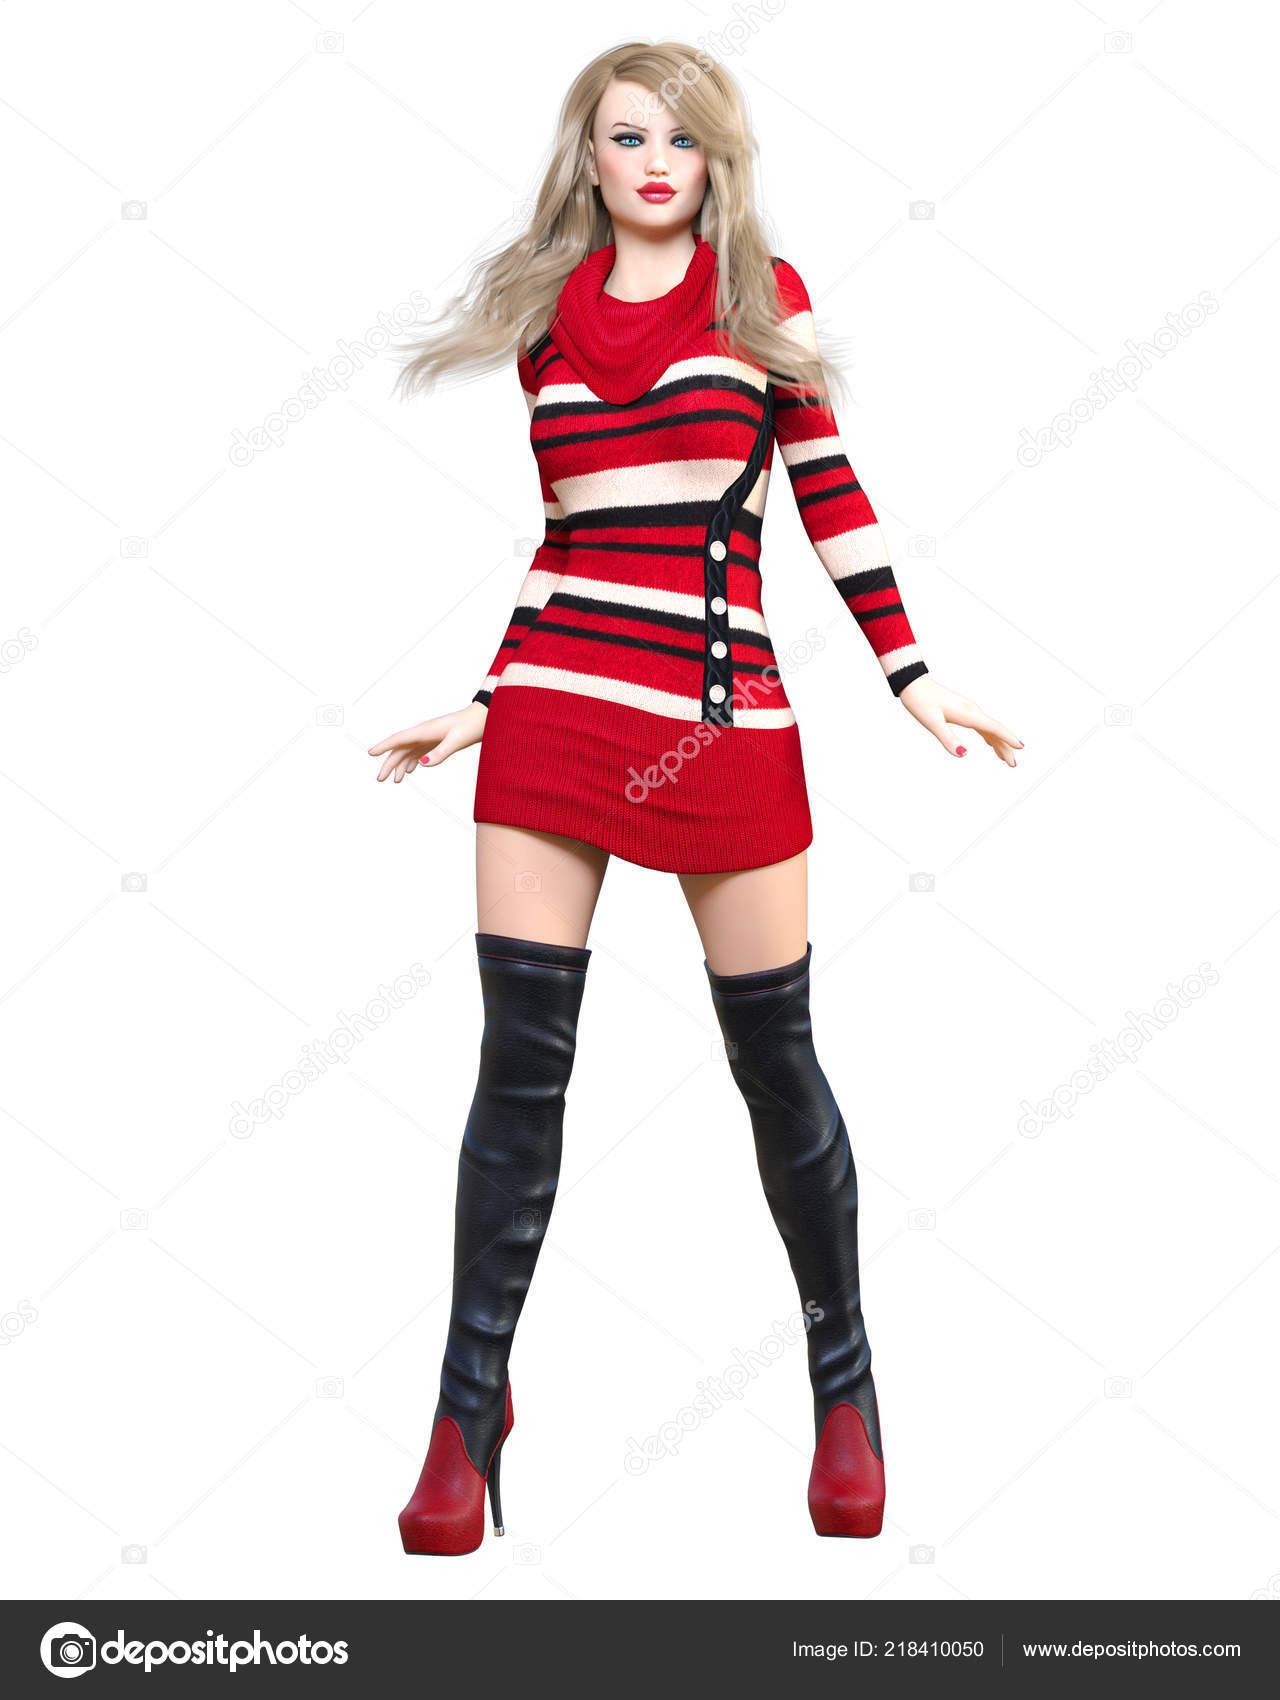 b271e87384 3D vestido túnica punto corta rubia hermosa botas largas. Ropa de la  colección de primavera-otoño. Maquillaje brillante. Fotografía de estudio  de mujer.